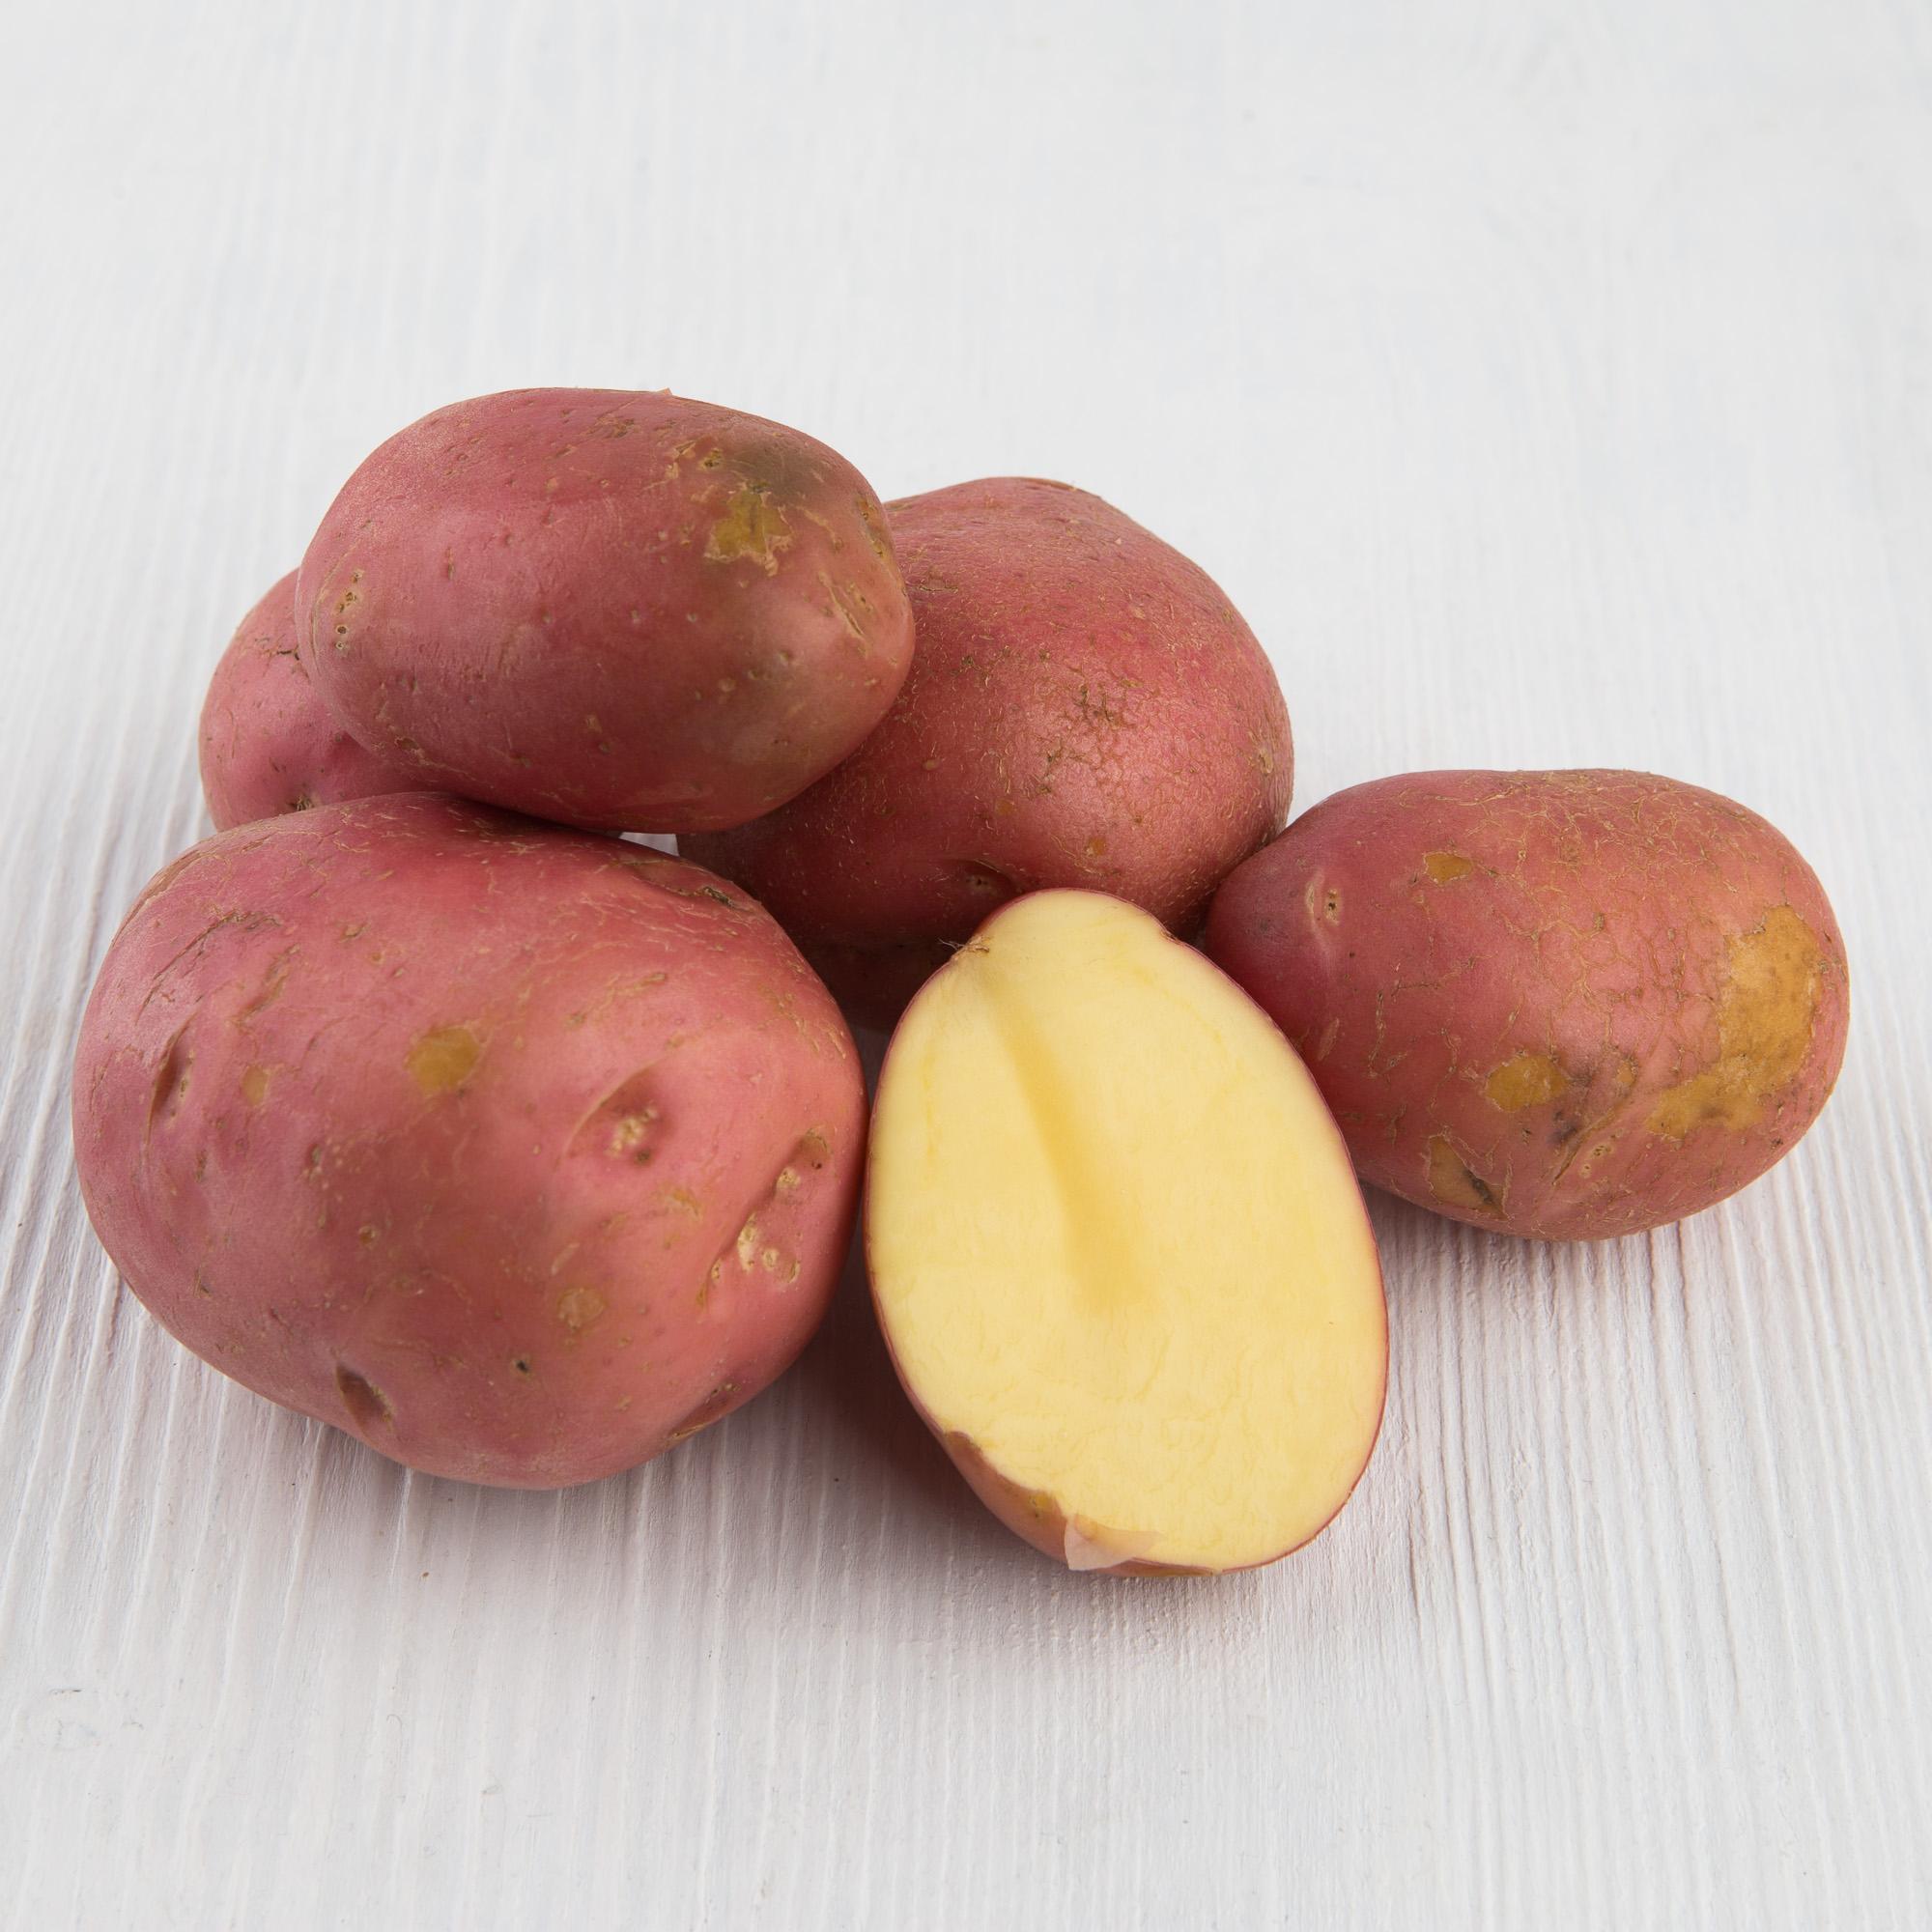 сорта картофеля фото описание очень разваристый раз